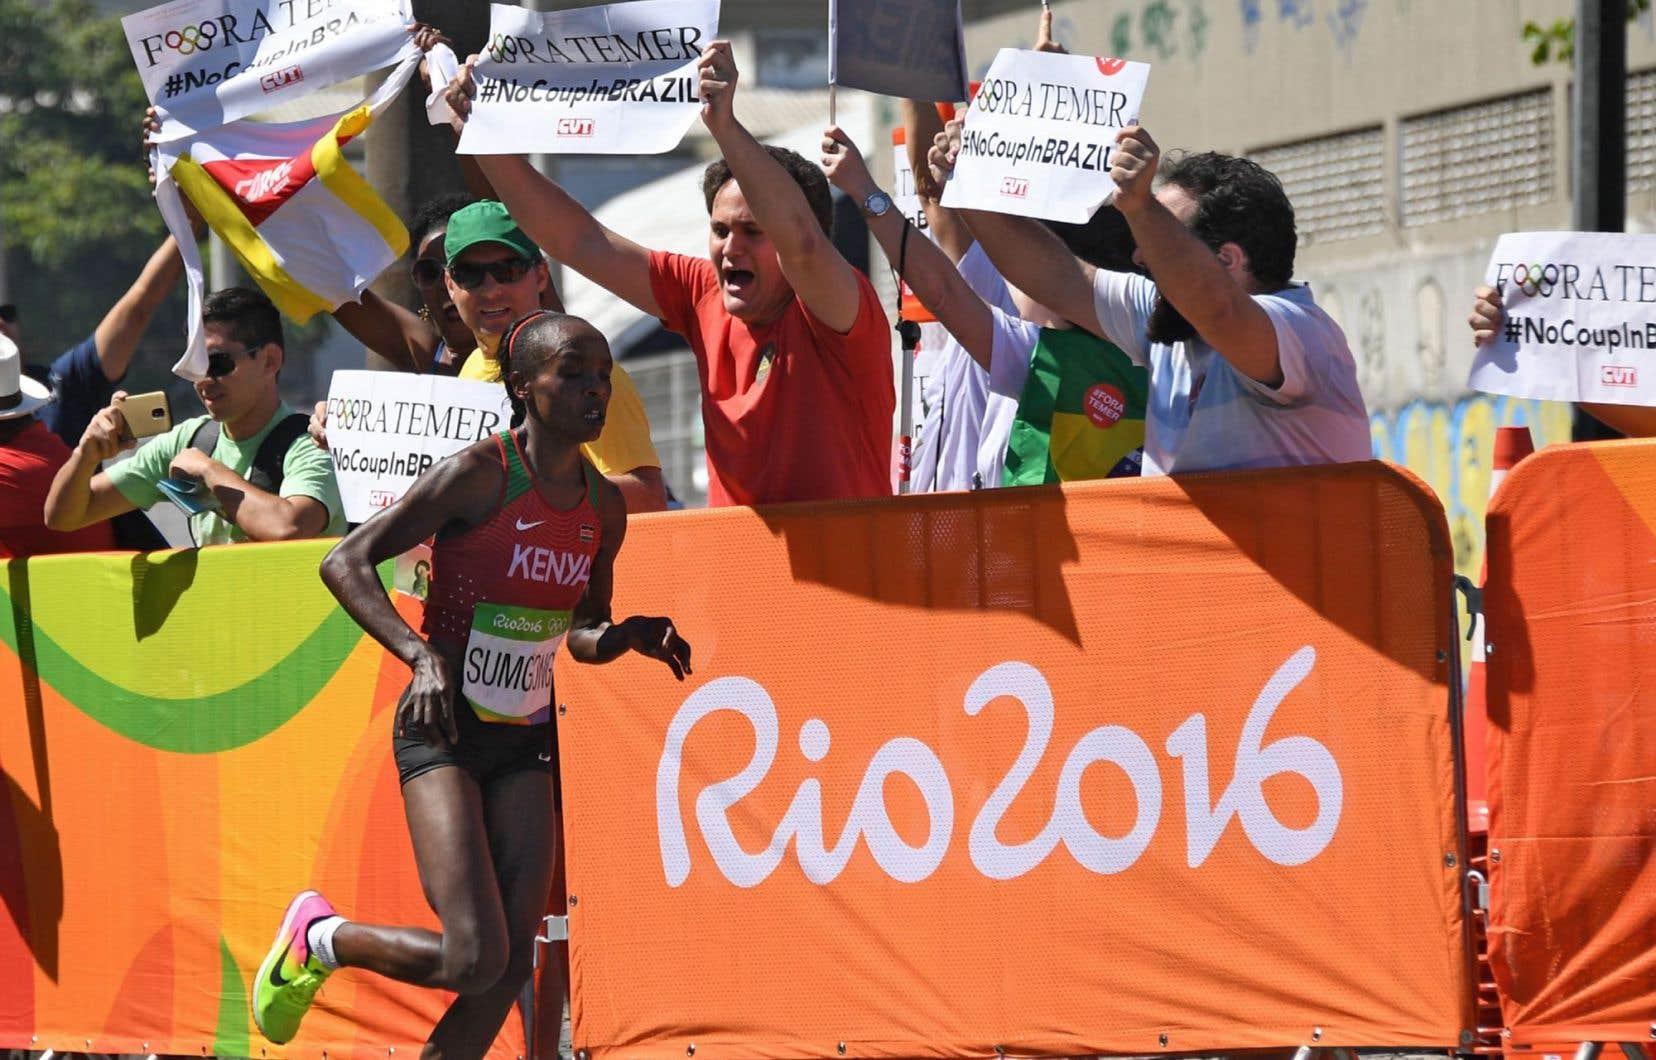 Jemima Jelagat Sumgong (Kenya) a couru devant des manifestants brandissant des pancartes «Fora Temer» le long du parcours dimanche, à Rio.